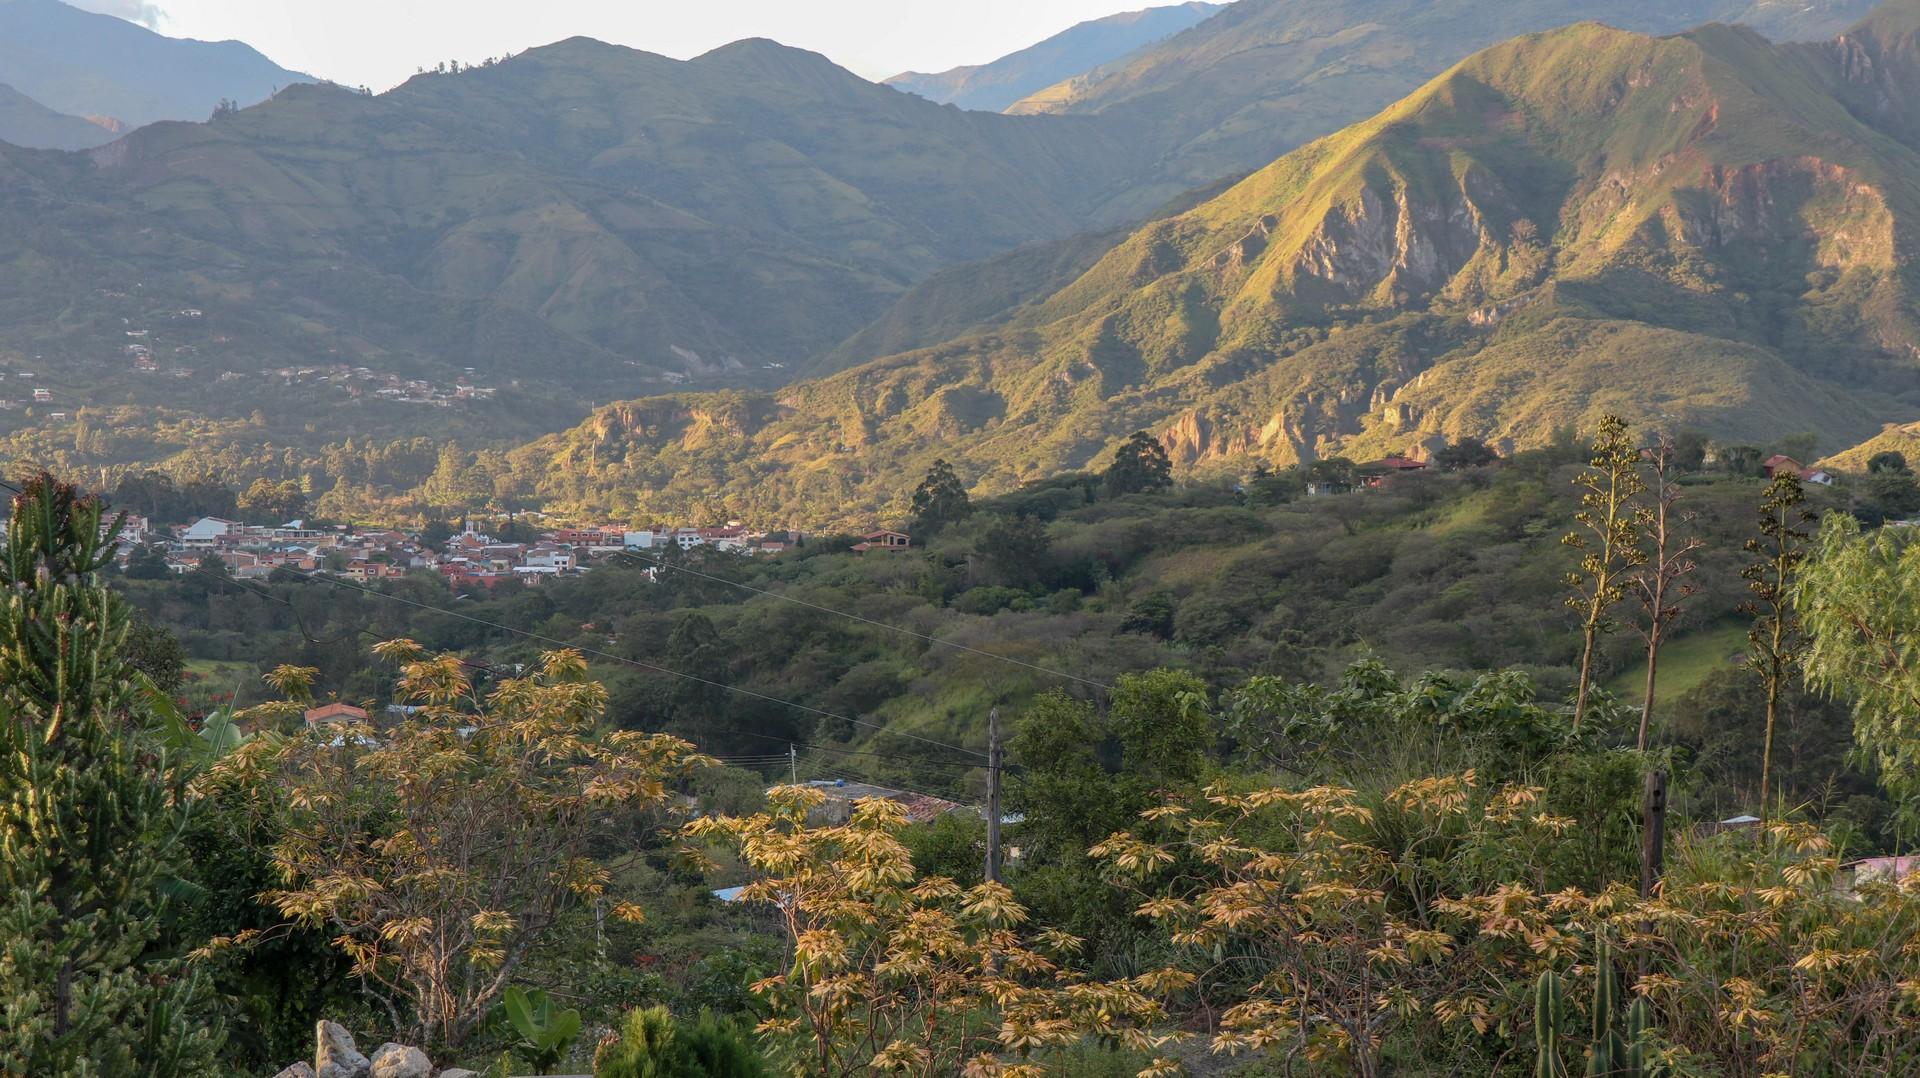 2019-04-09 Lojas_Vilcabamba-138